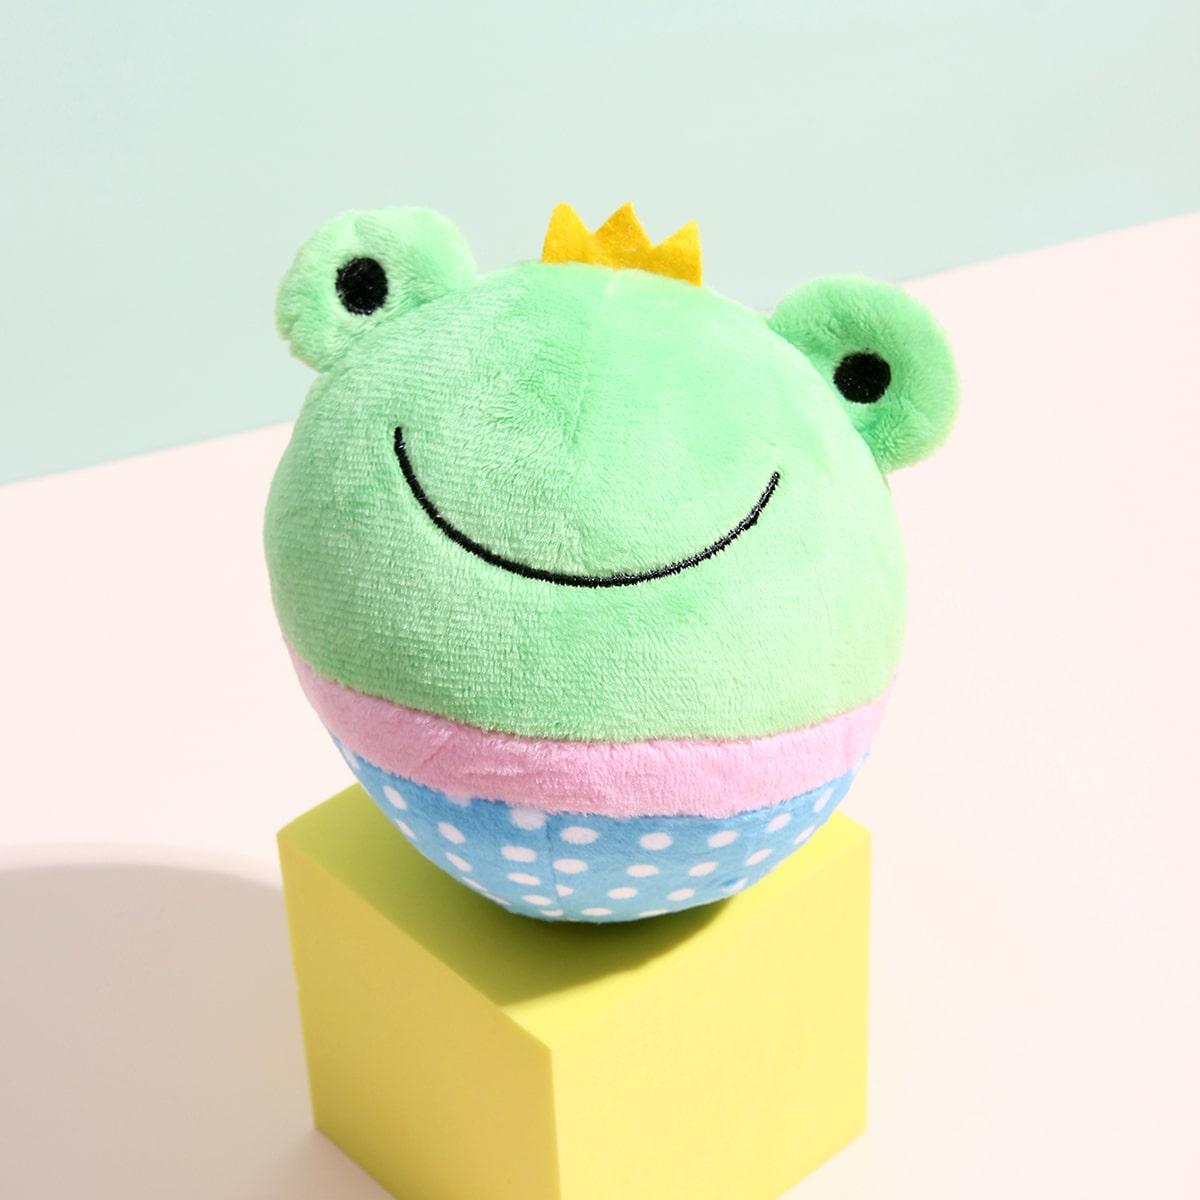 Haustier Soundspielzeug mit Frosch Design